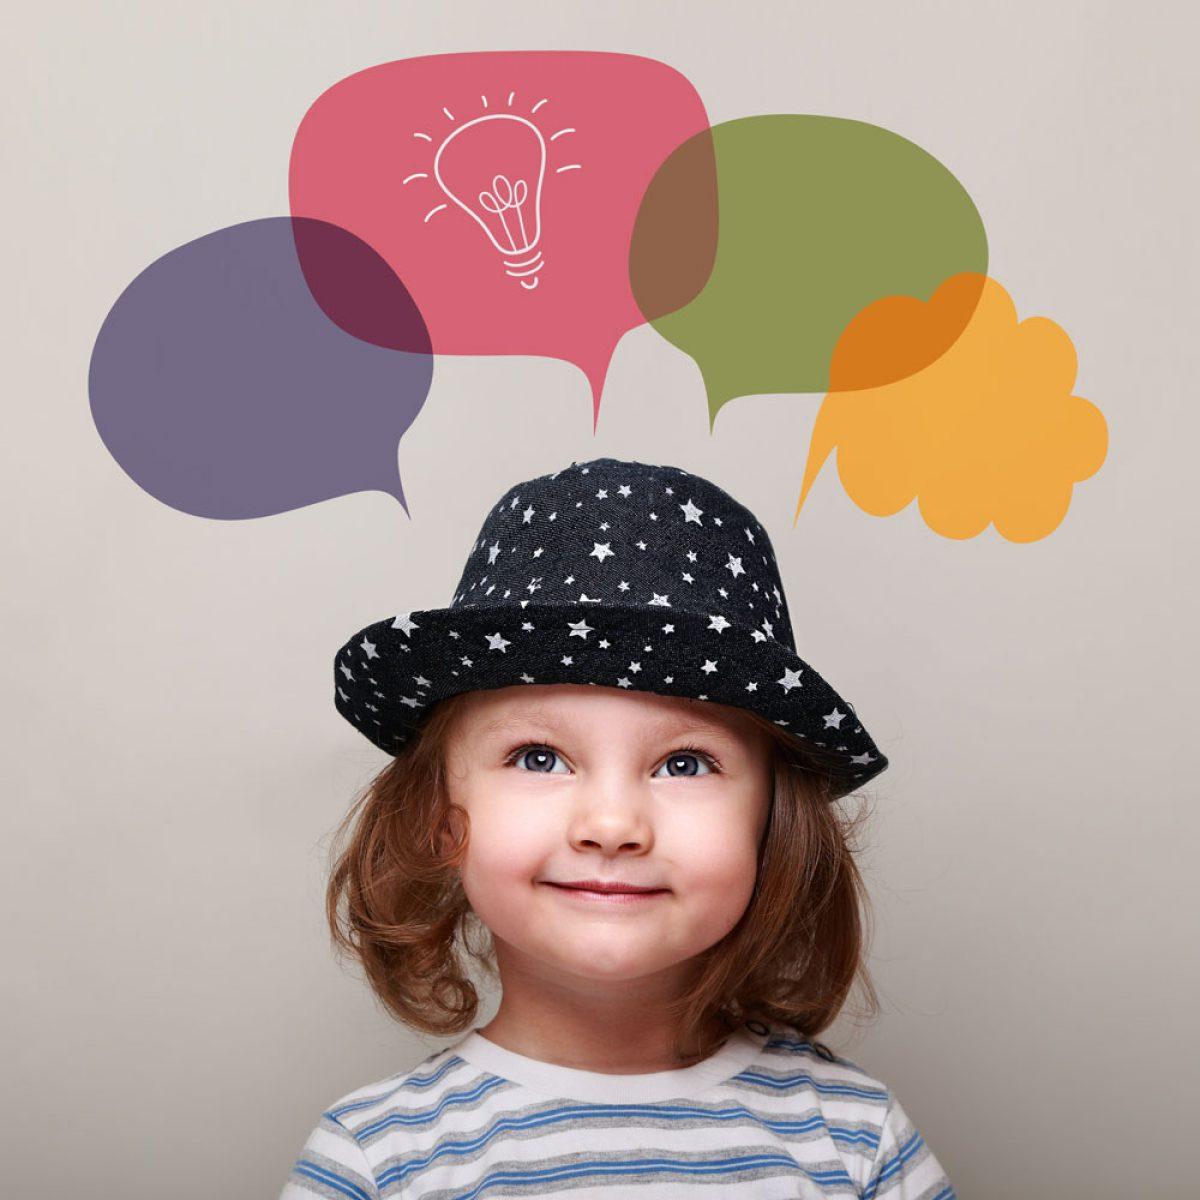 Γιατί οι ηλικίες 2-7 έχουν τόση σημασία για την ανάπτυξη του εγκεφάλου